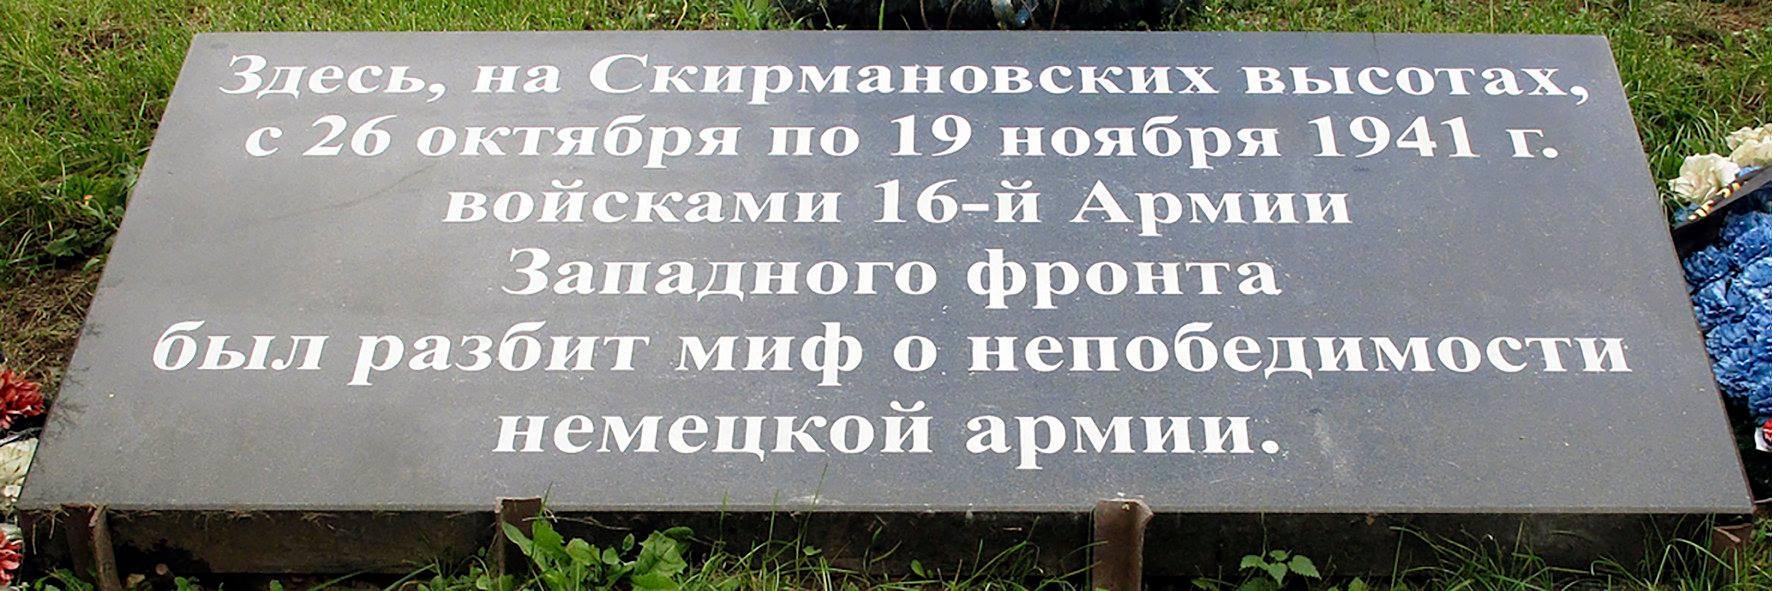 12 ноября 1941 г. Бои за Скирмановские высоты